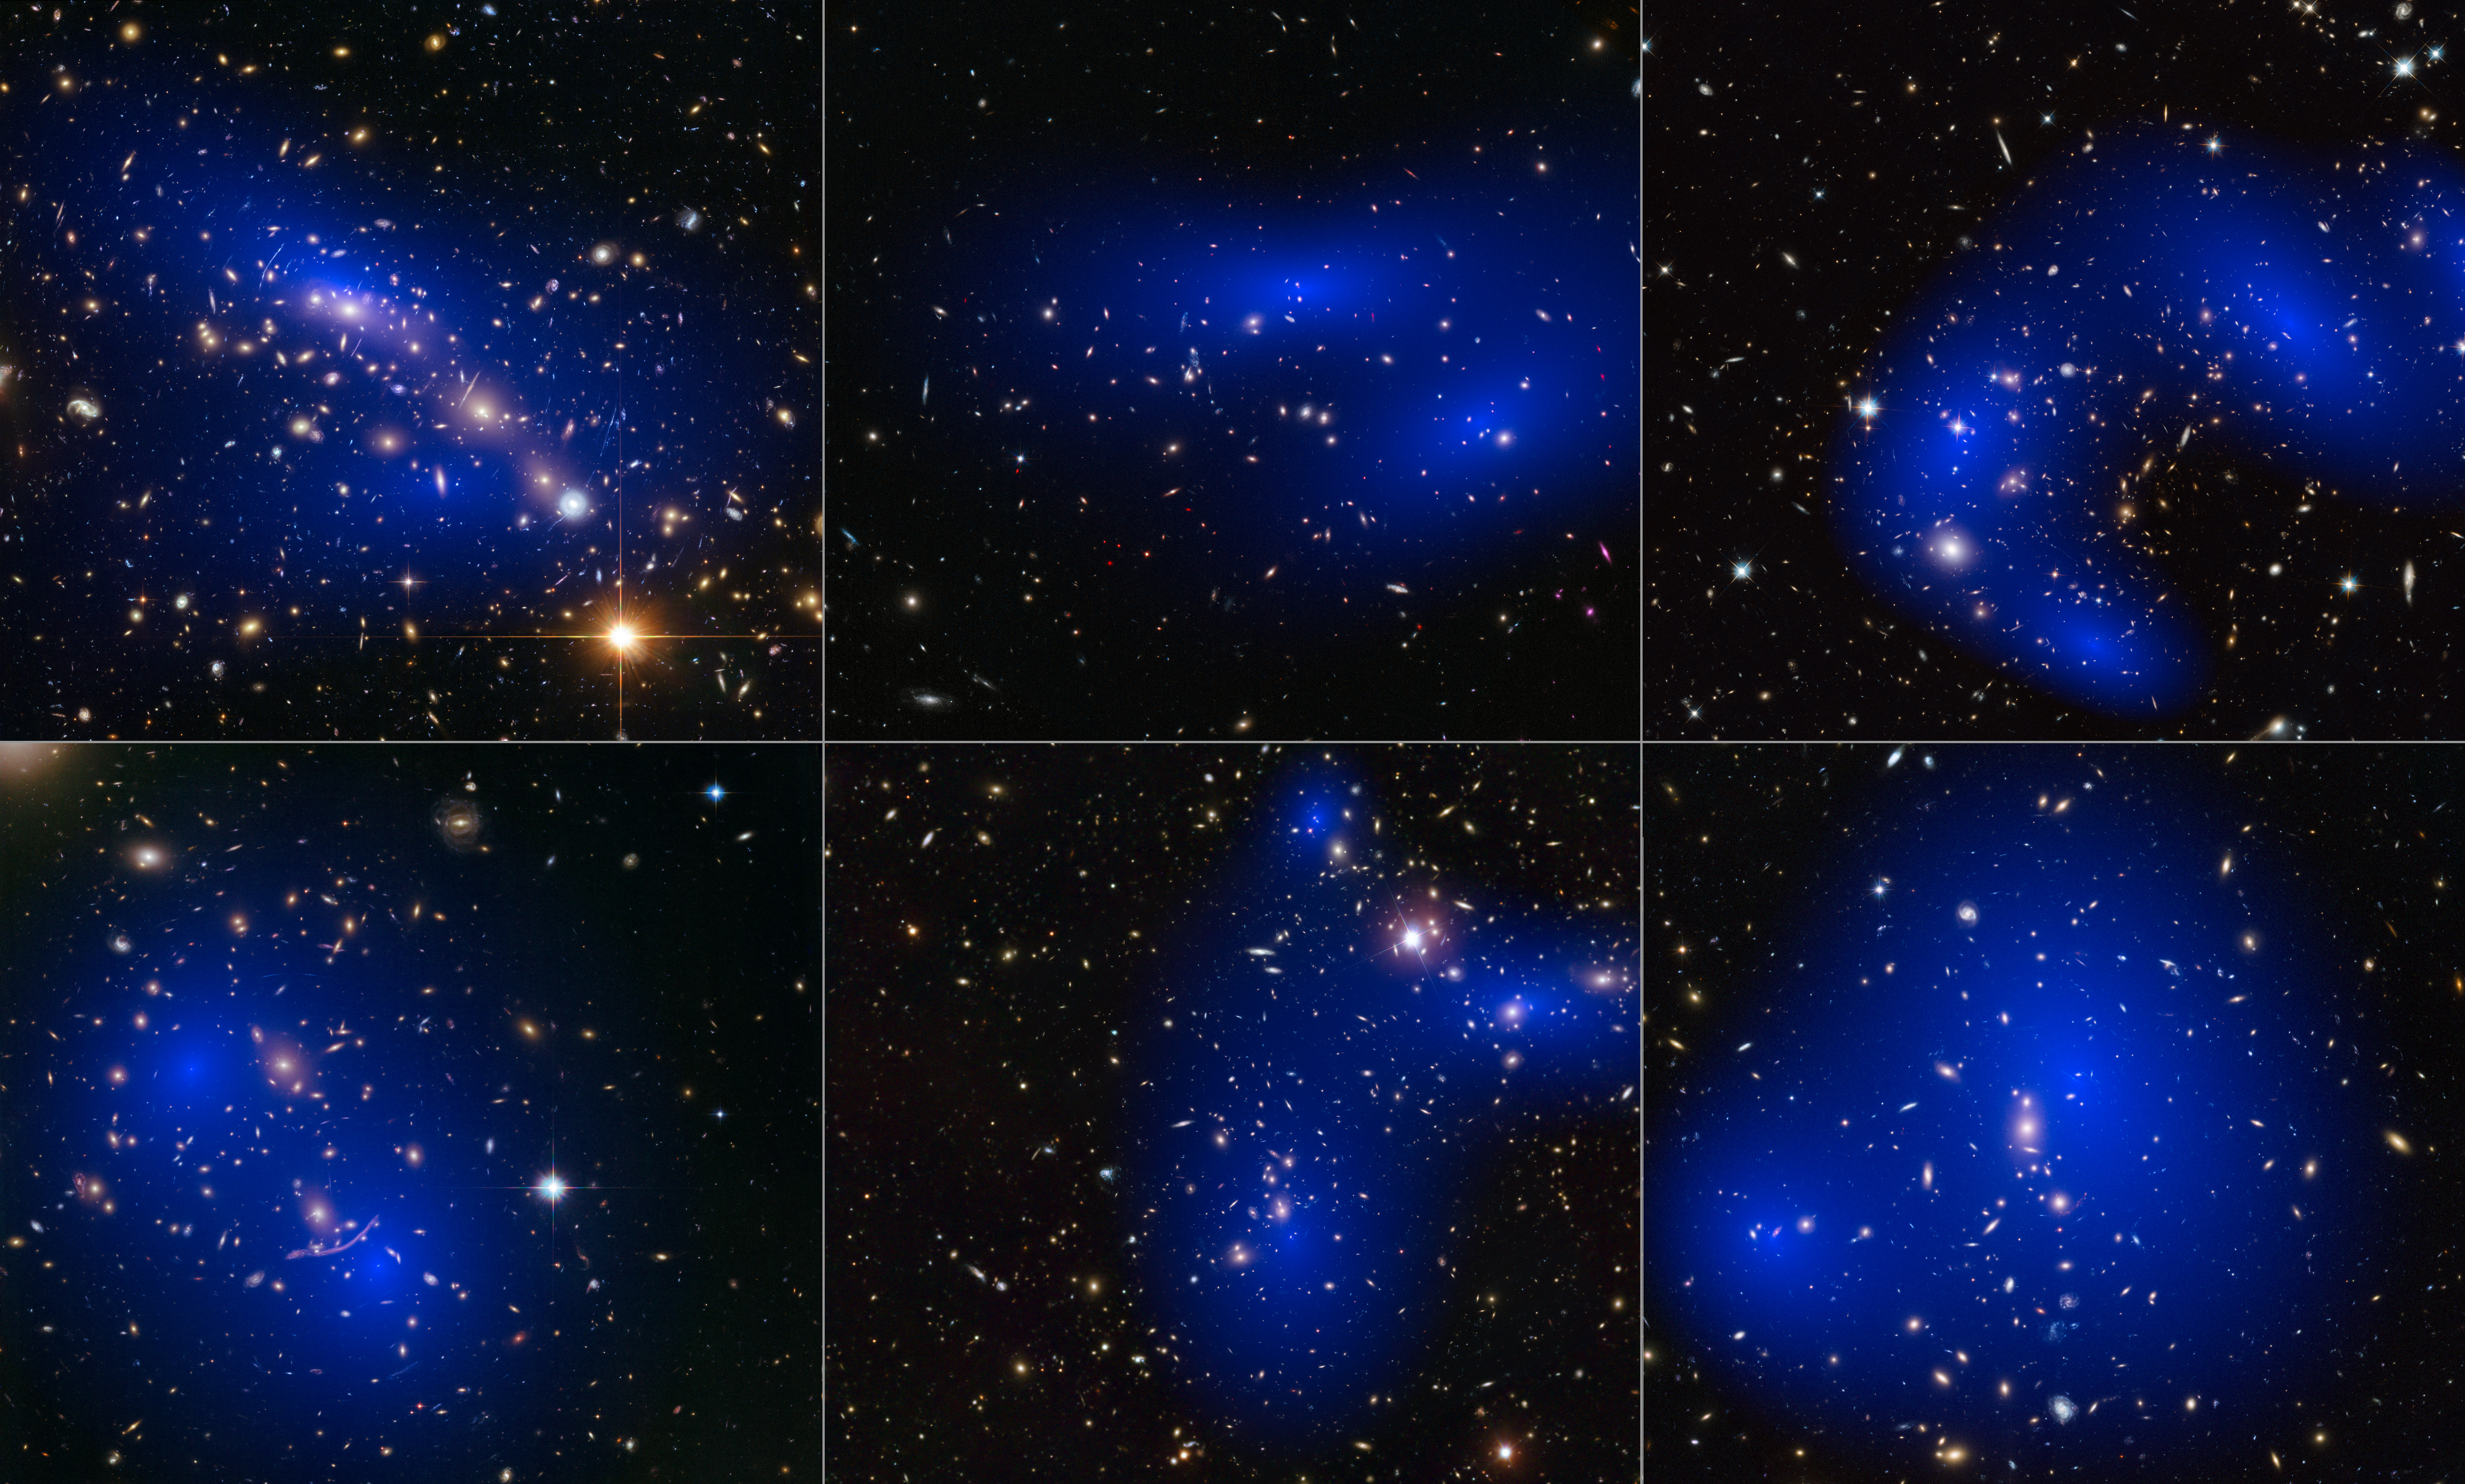 آیا ماده تاریک پیش از انفجار بزرگ هم بوده؟